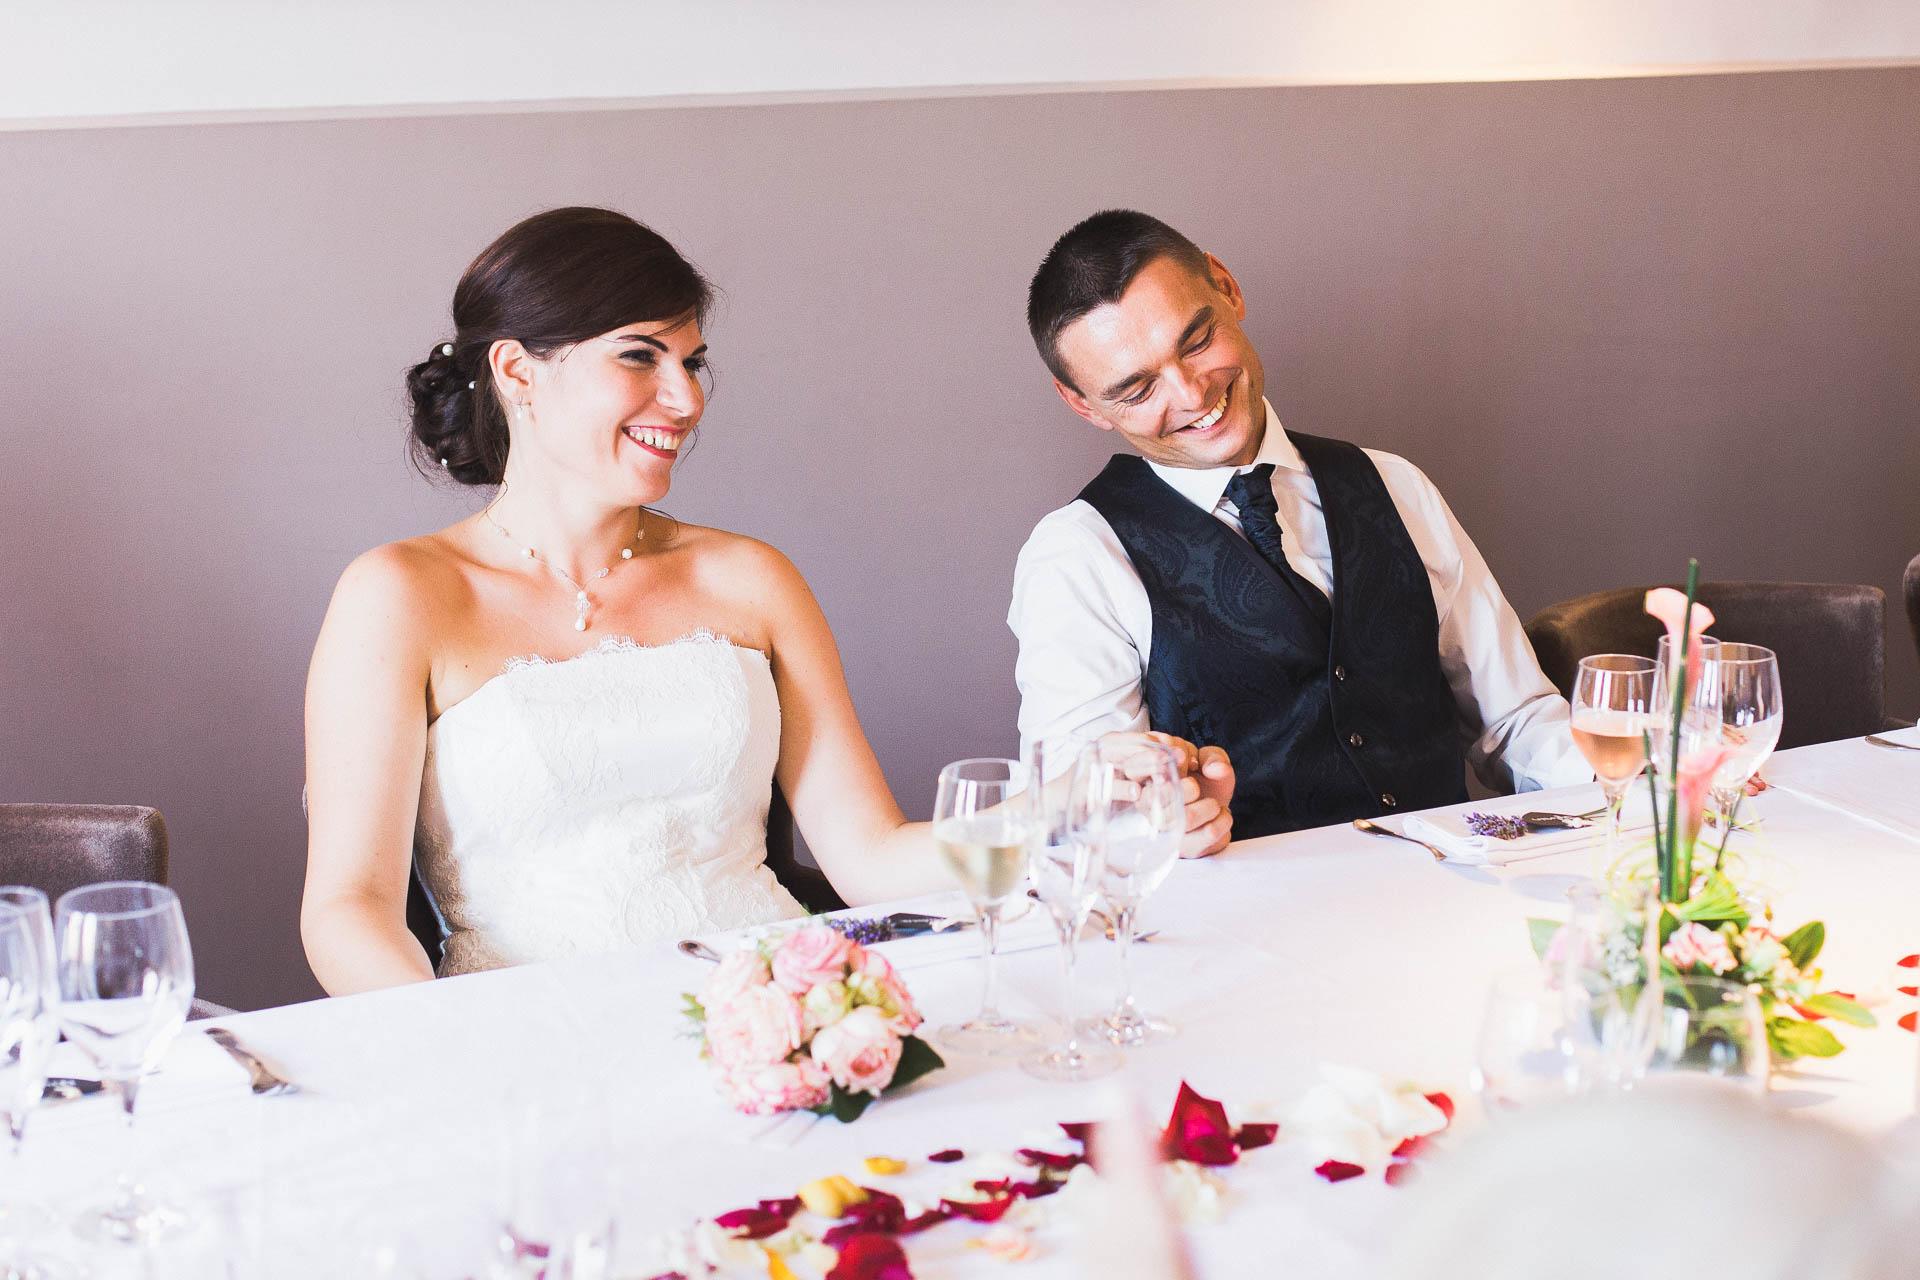 Photographe mariage Aix en Provence - Andrea & Sylvain-17